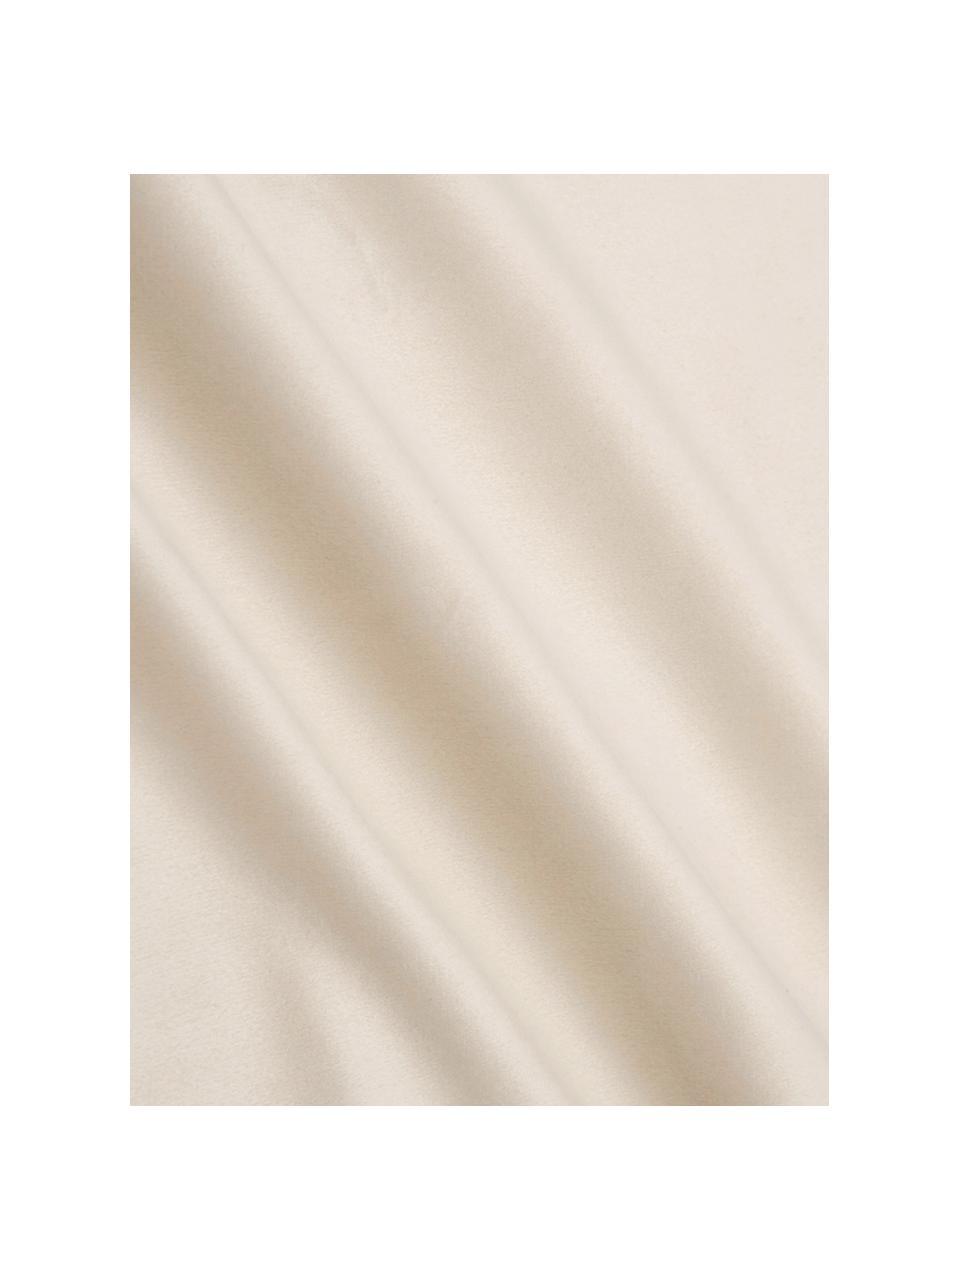 Federa arredo in velluto ricamato Nora, 100% velluto di poliestere, Beige, Larg. 45 x Lung. 45 cm